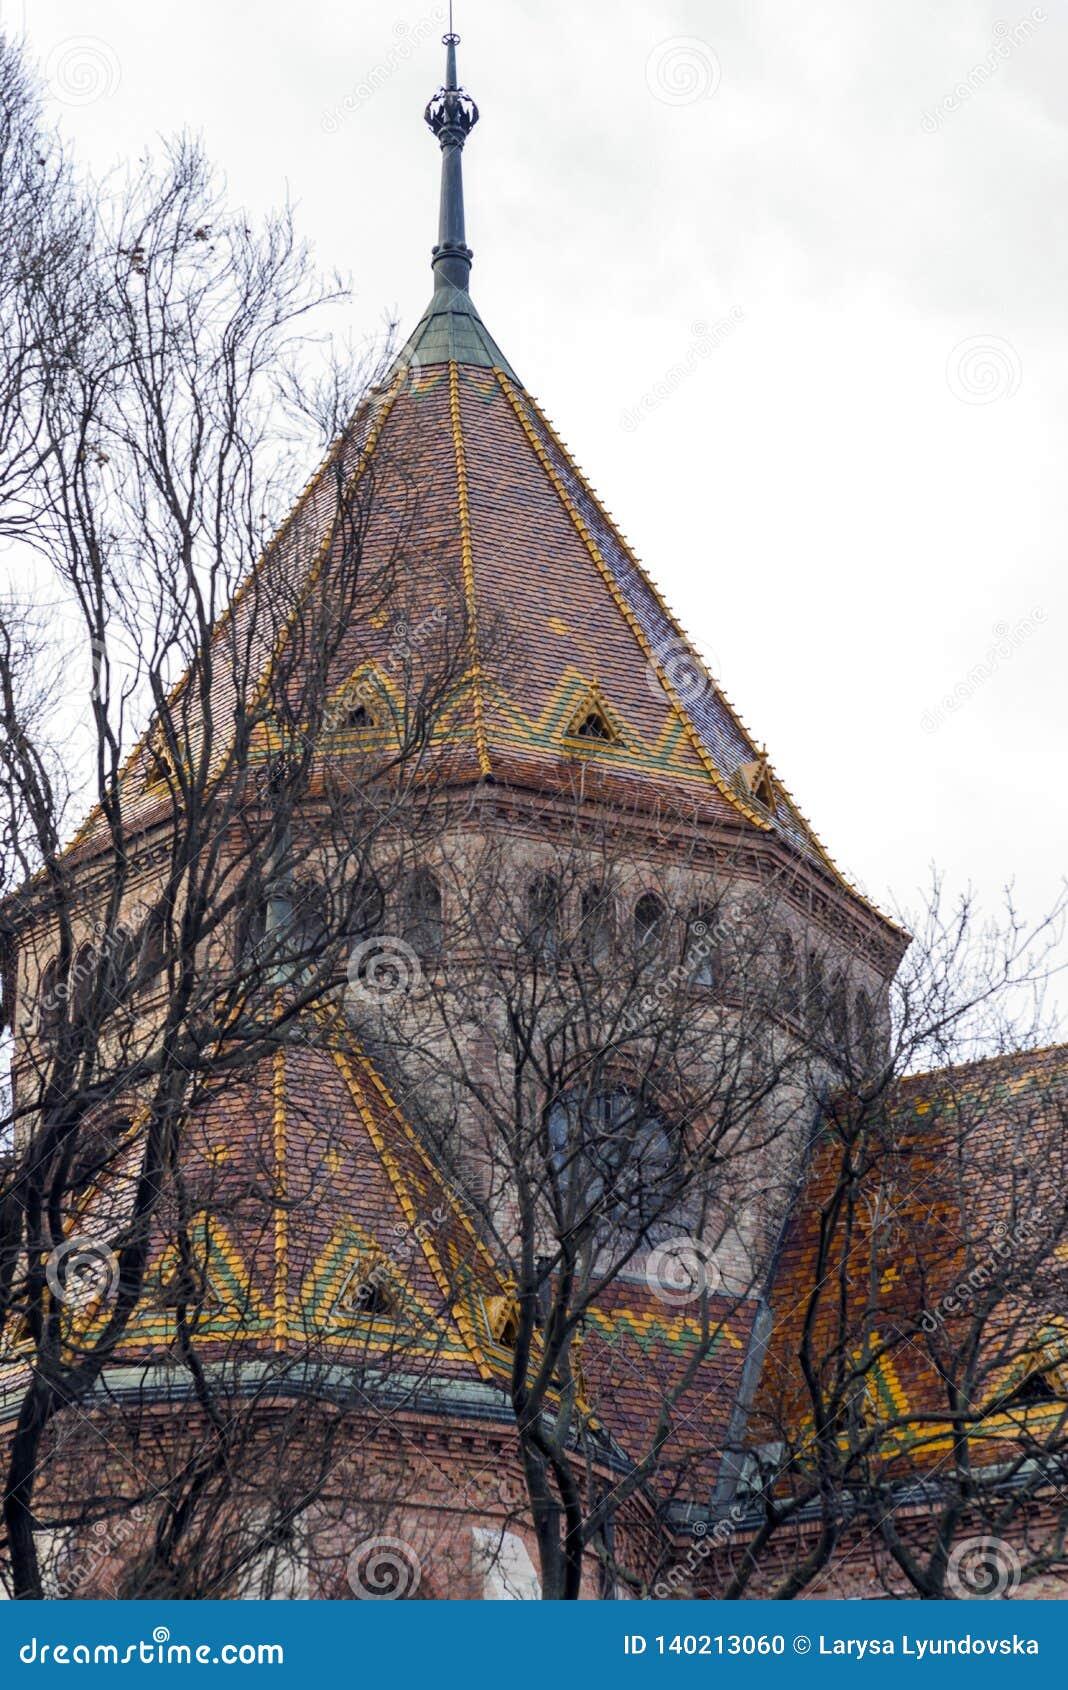 Ветви дерева прячут красочные крышу и купол исторического здания